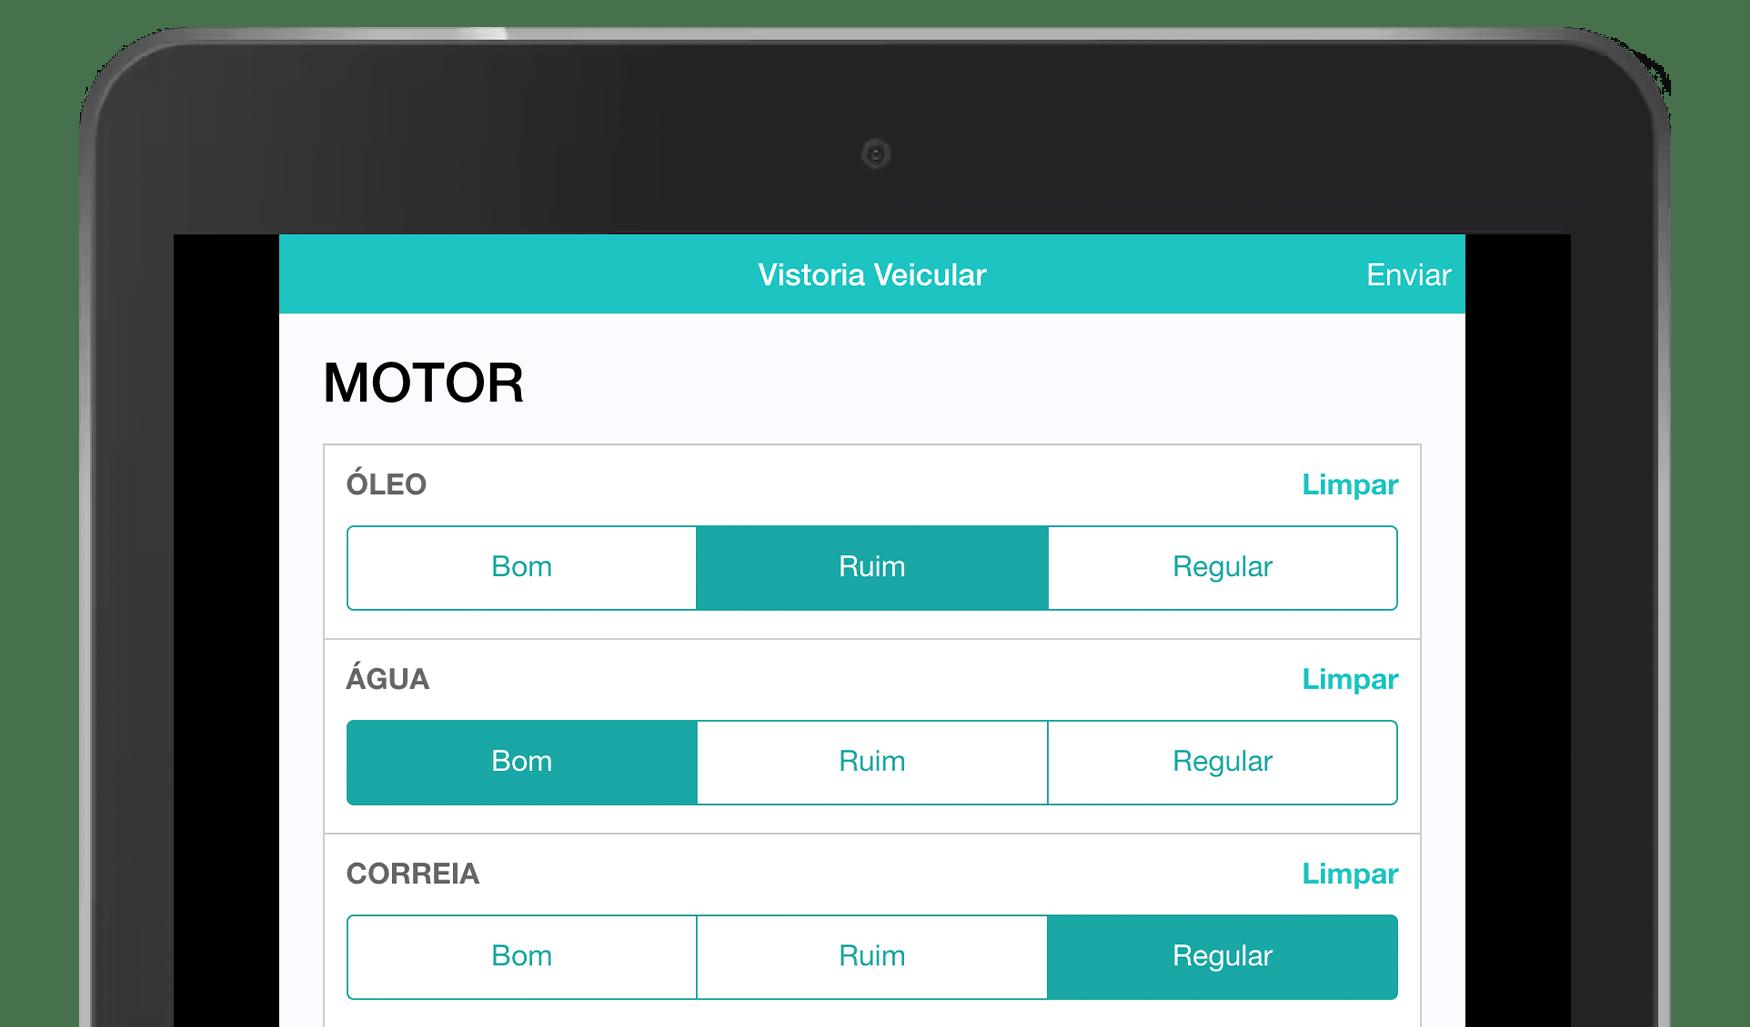 MoreApp Vistoria Veicular App